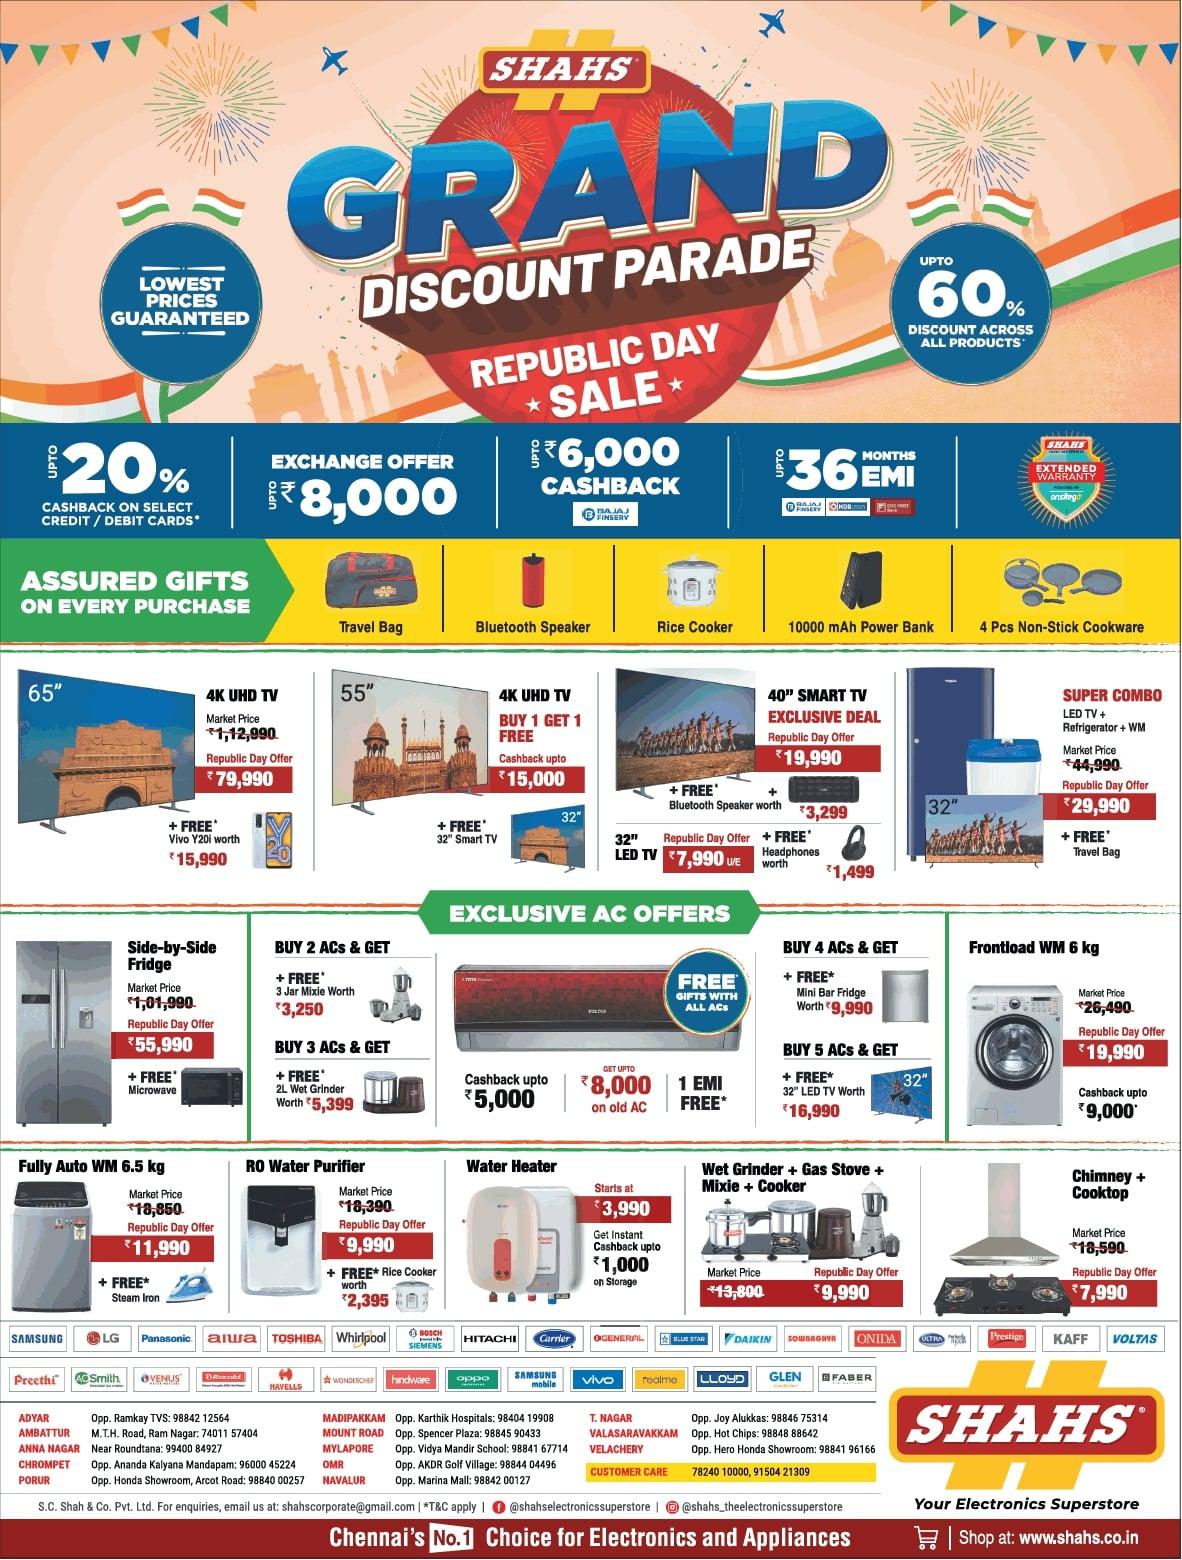 shahs-grand-discount-parade-republic-day-sale-ad-chennai-times-26-01-2021